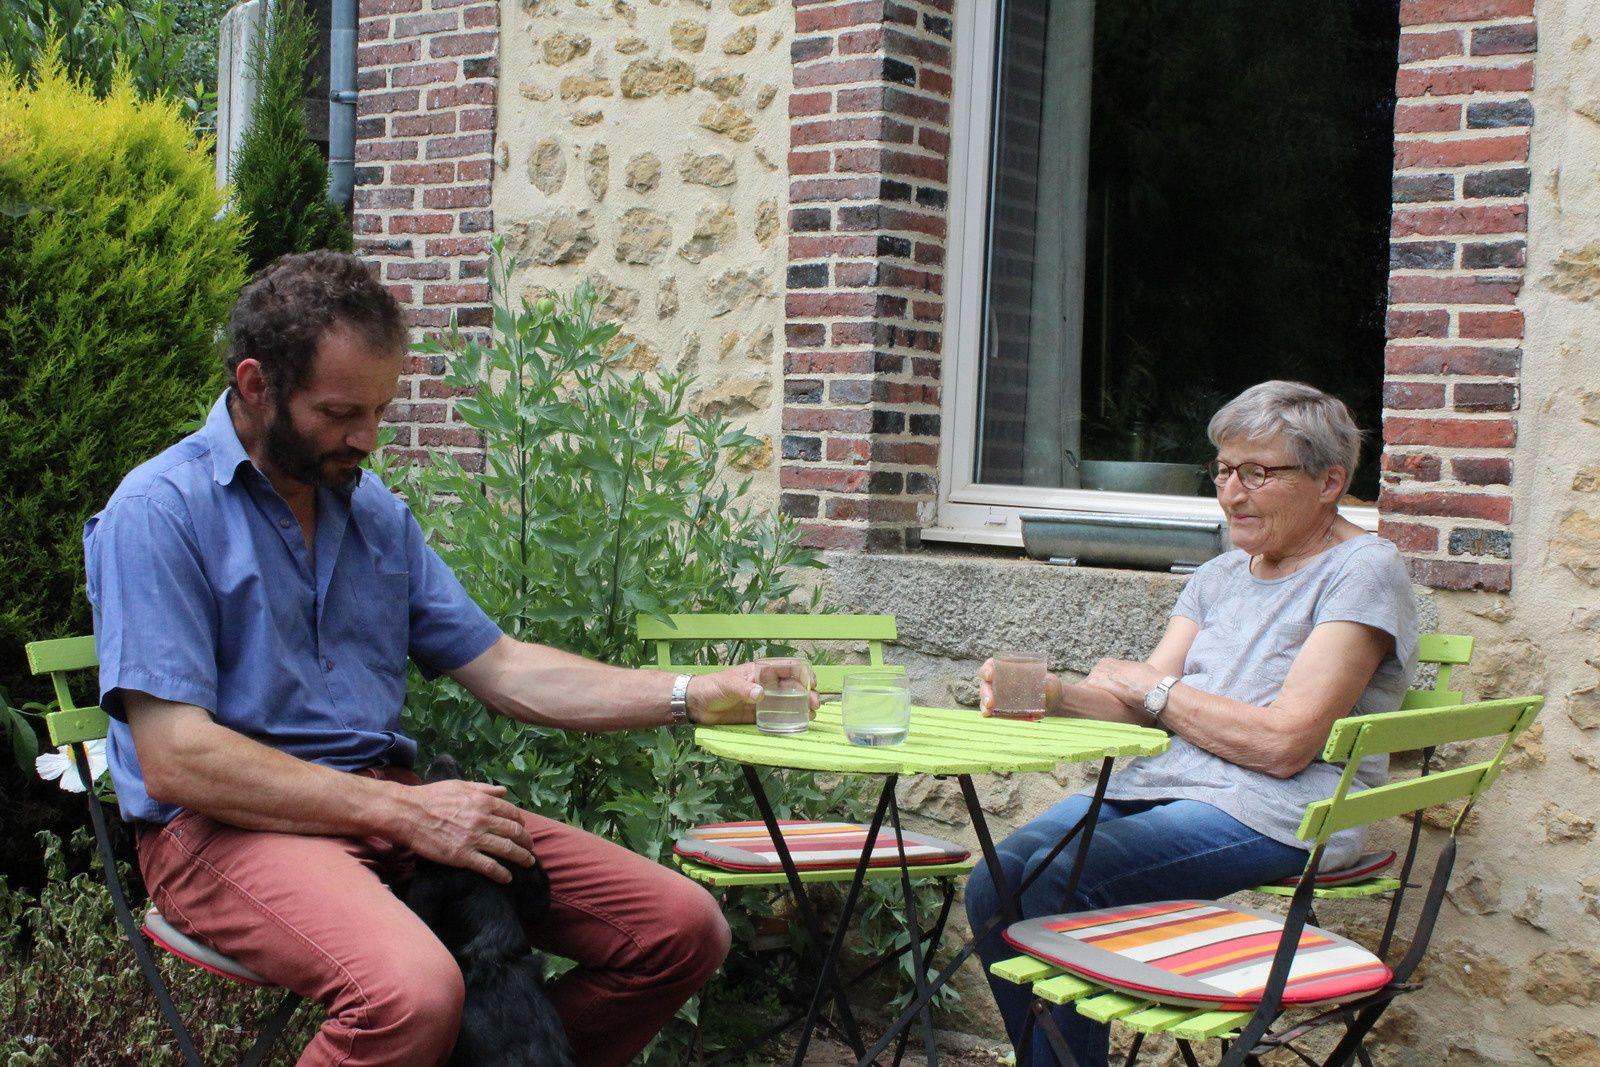 On a eu le plaisir d'accueillir mon papa et la maman de jean  au jardin, c'était juste avant les grosses tailles ...heureux de partager en famille le jardin , heureux toujours de partager le jardin c'est un lieu où l'égoïsme n'a pas sa place. !